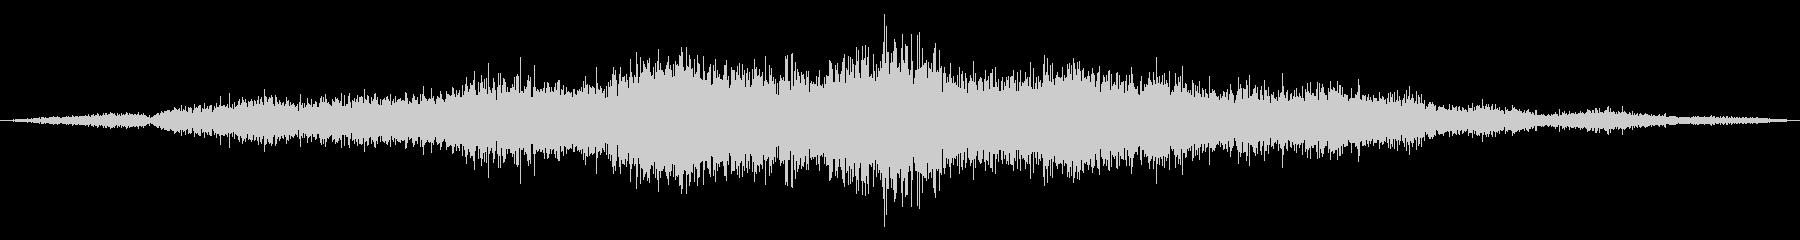 ゴシゴシ(たわしやモップで掃除する音)1の未再生の波形